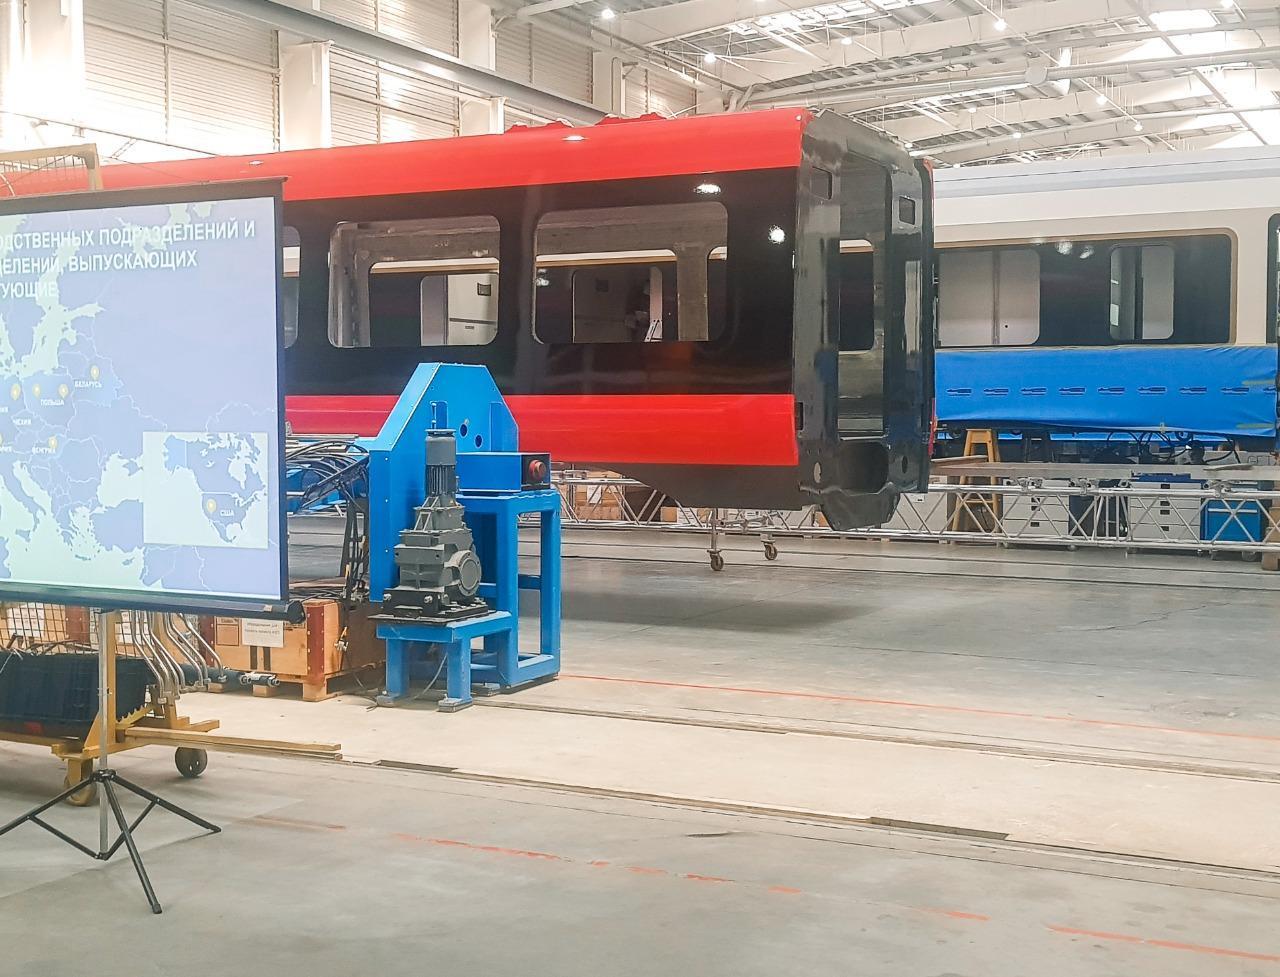 Осмотрены электропоезда и спальные вагоны, собранные по заказу Азербайджана в Минске